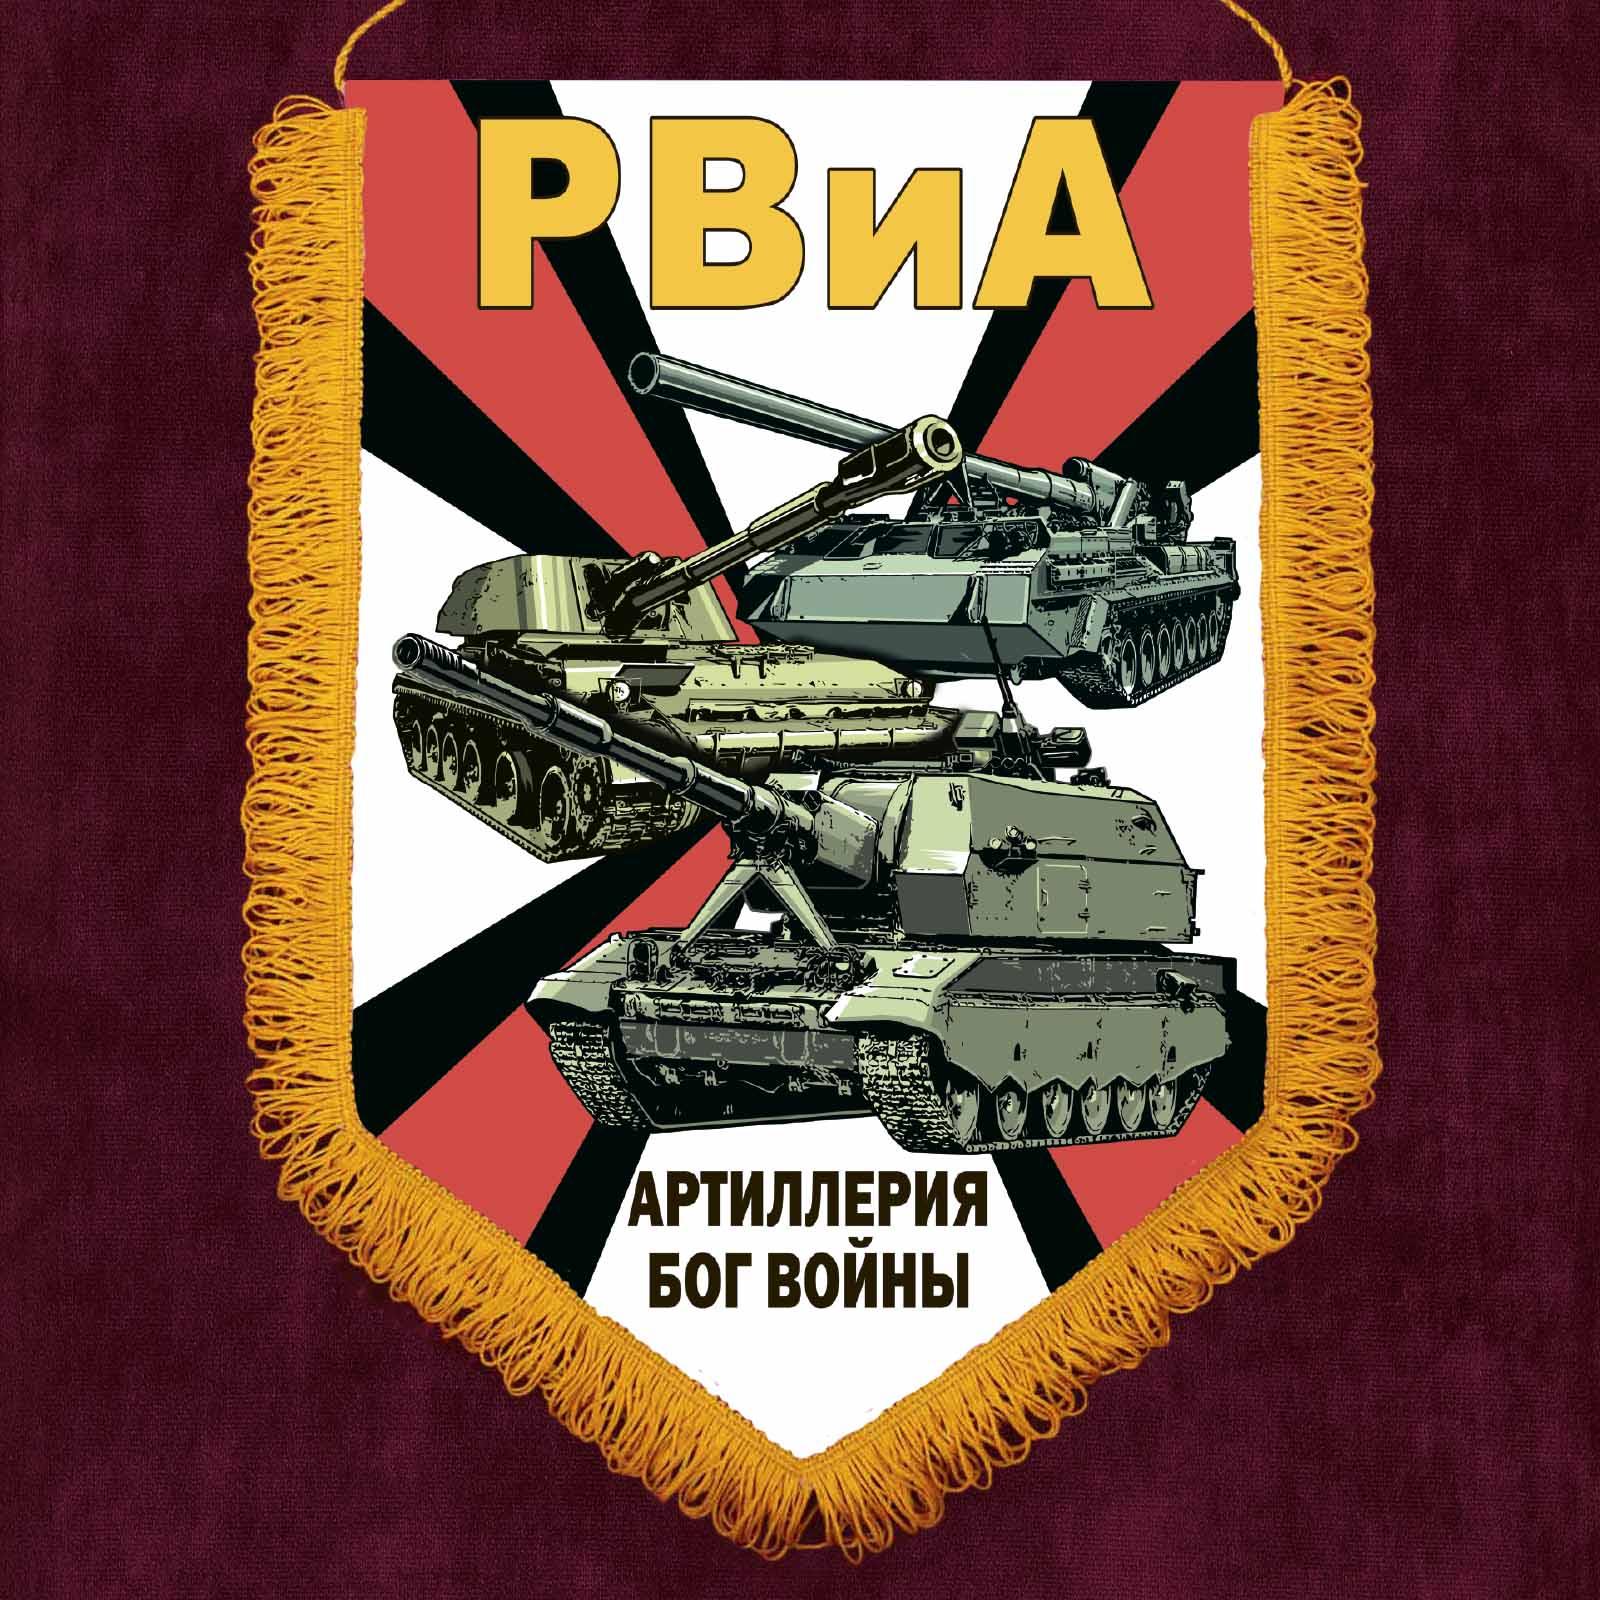 """Подарочный вымпел РВиА """"Артиллерия Бог войны"""""""